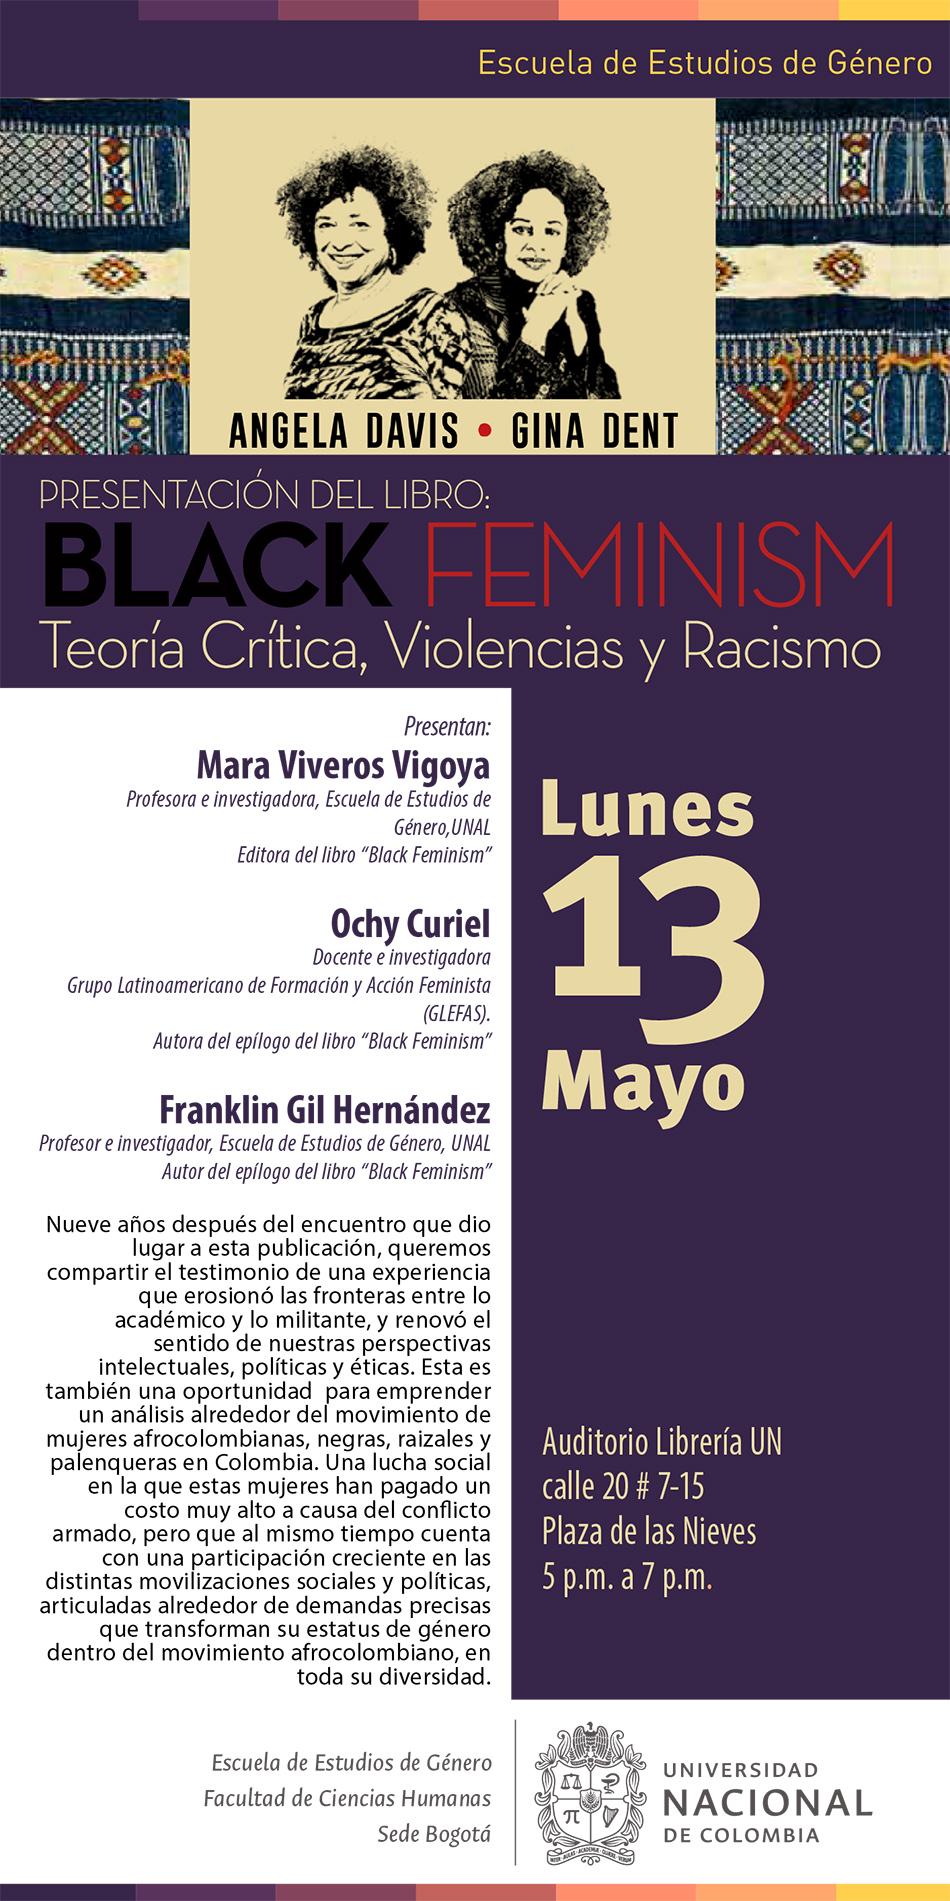 Presentación 'Black Feminism. Teoría Crítica, Violencias y Racismo' (Angela Davis y Gina Dent)